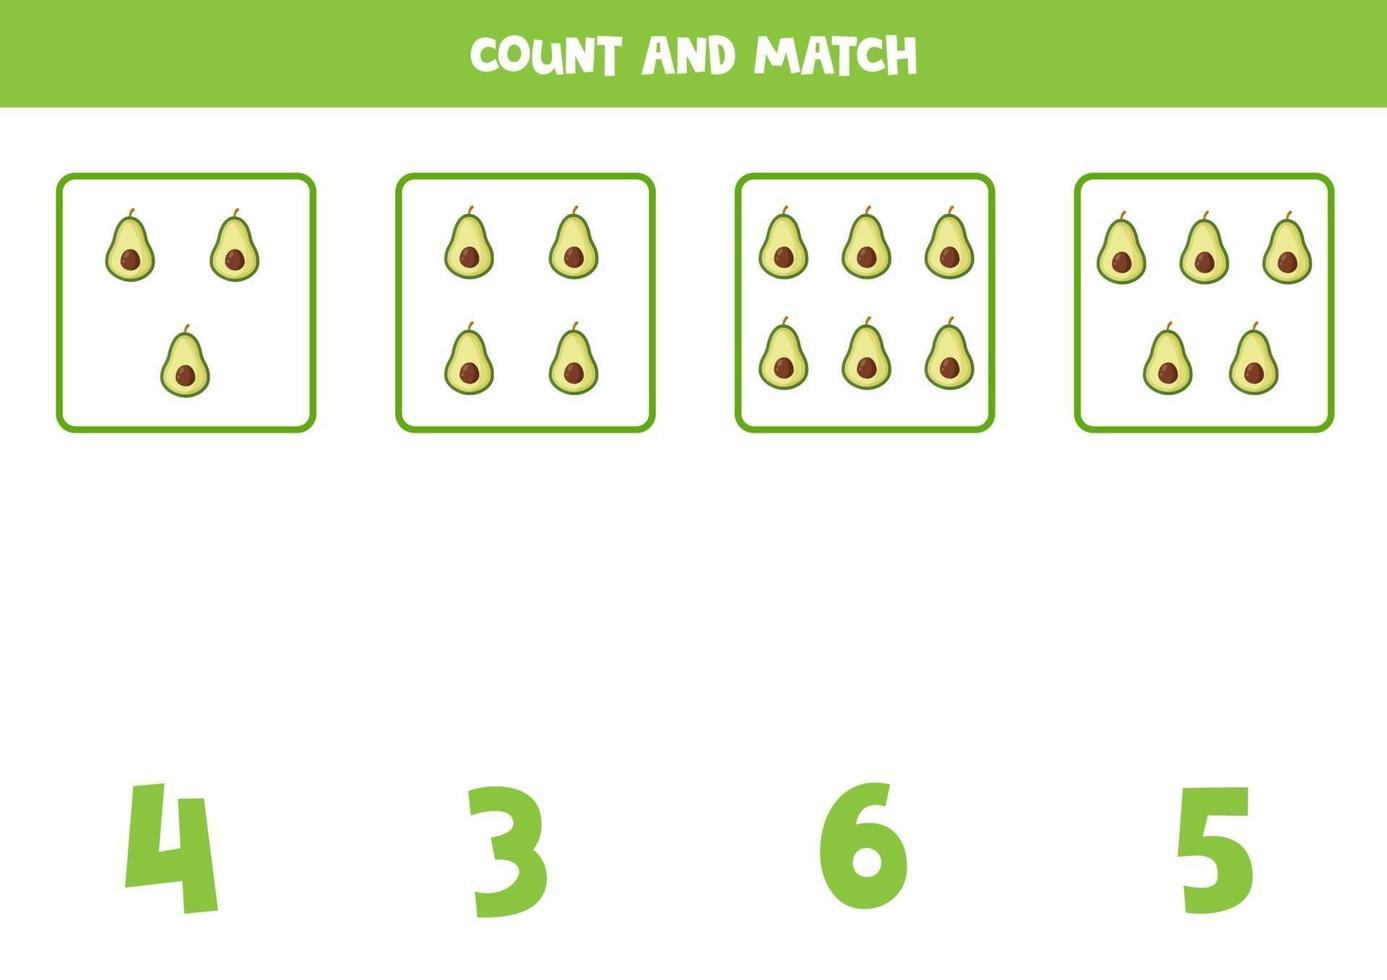 tellen spel voor kinderen. wiskunde spel met cartoon avocado's. vector